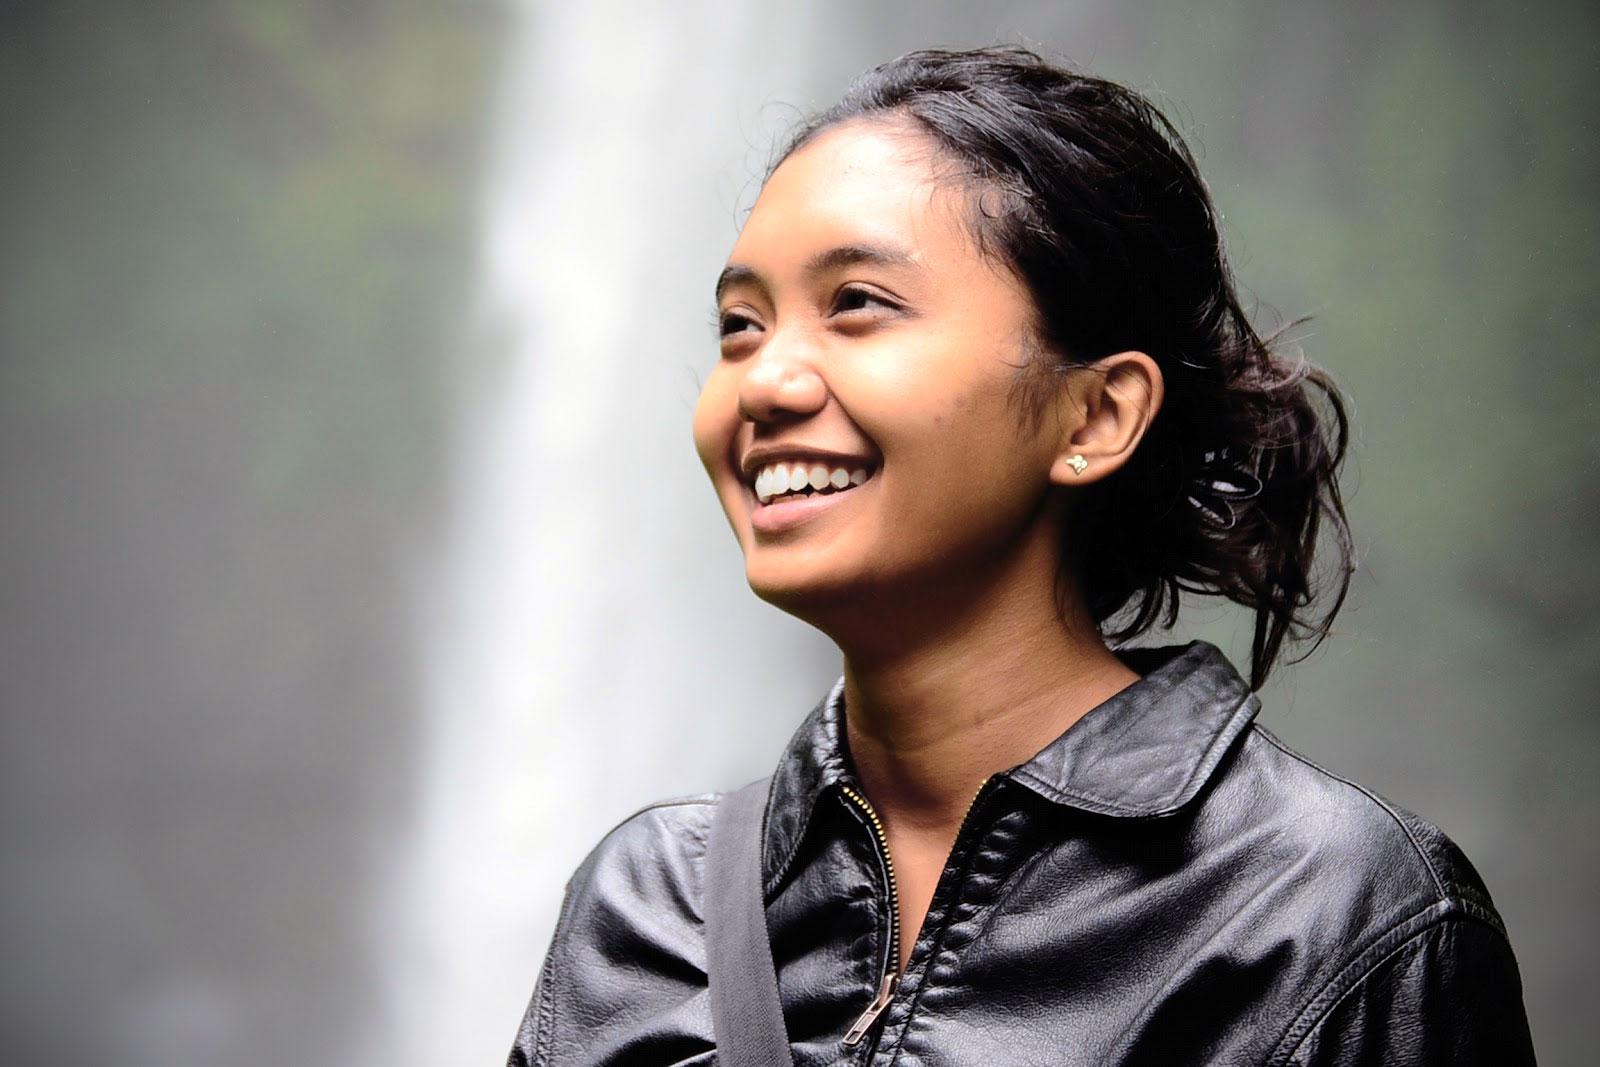 indo_smile